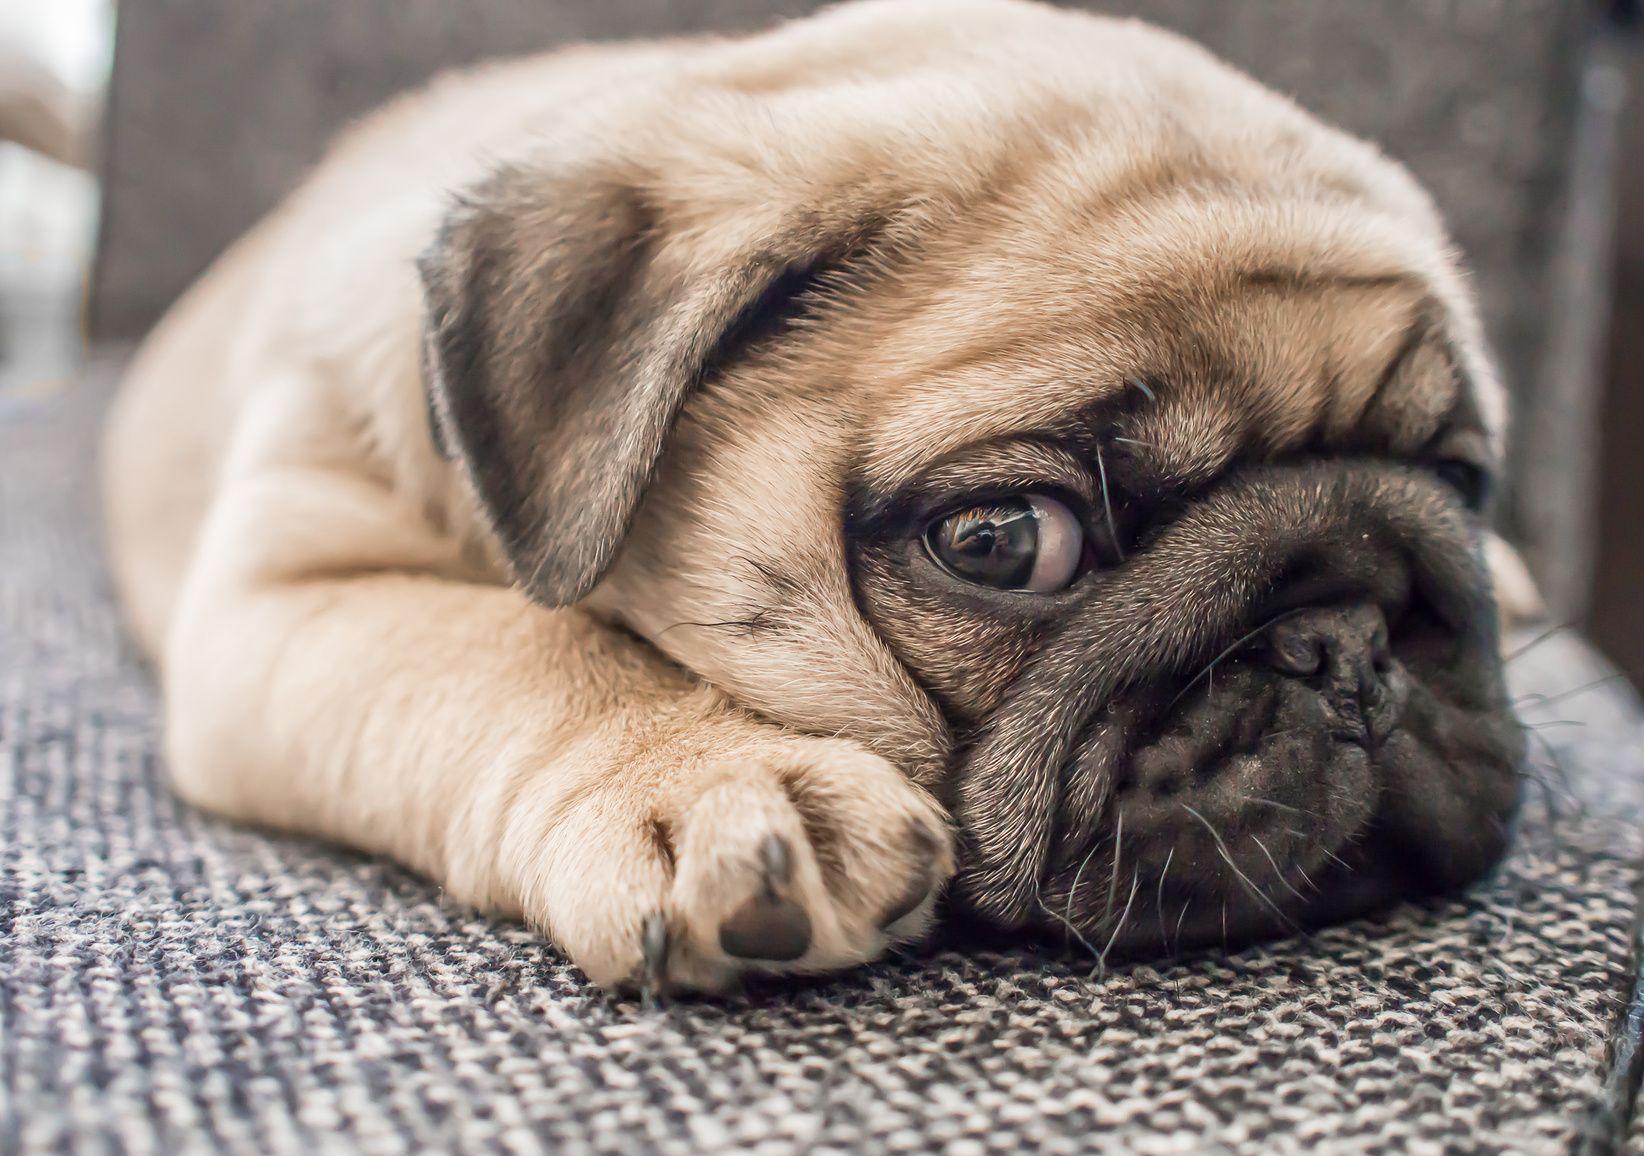 Asiantuntija:+Koiria+ei+kannata+halailla,+koska+ne+eivät+pidä+siitä